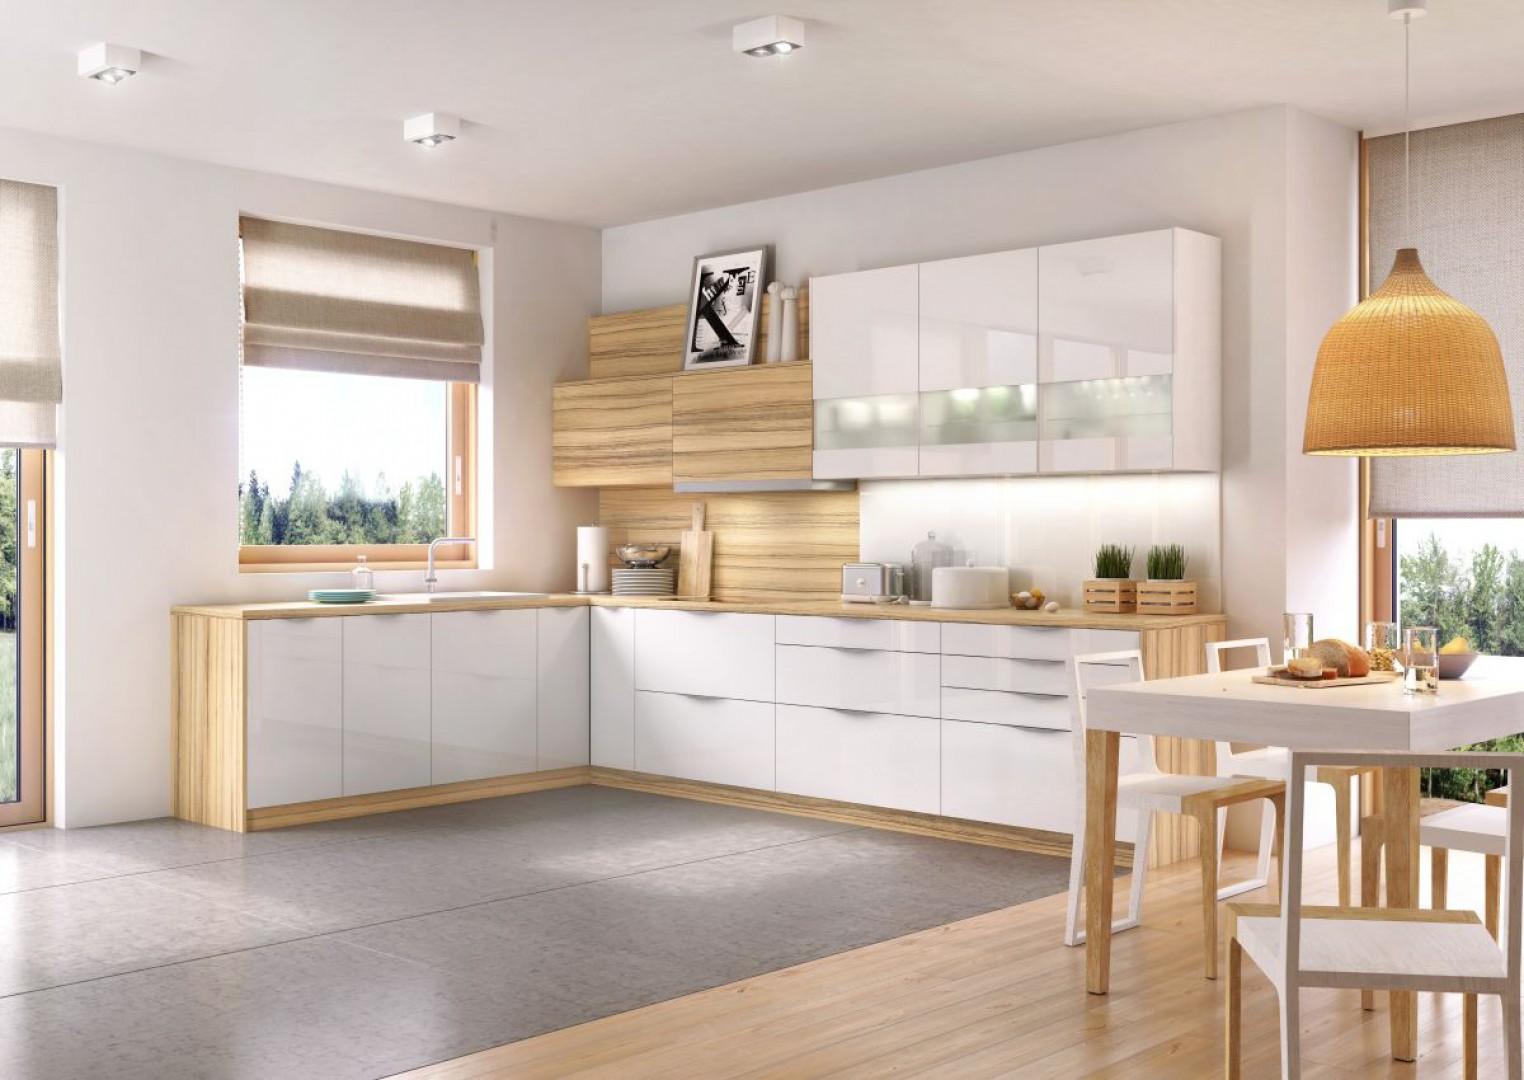 Biel we wnętrzach kuchennych to prosty, ale niezwykle skuteczny sposób, aby osiągnąć spektakularny efekt. Fot. Kam